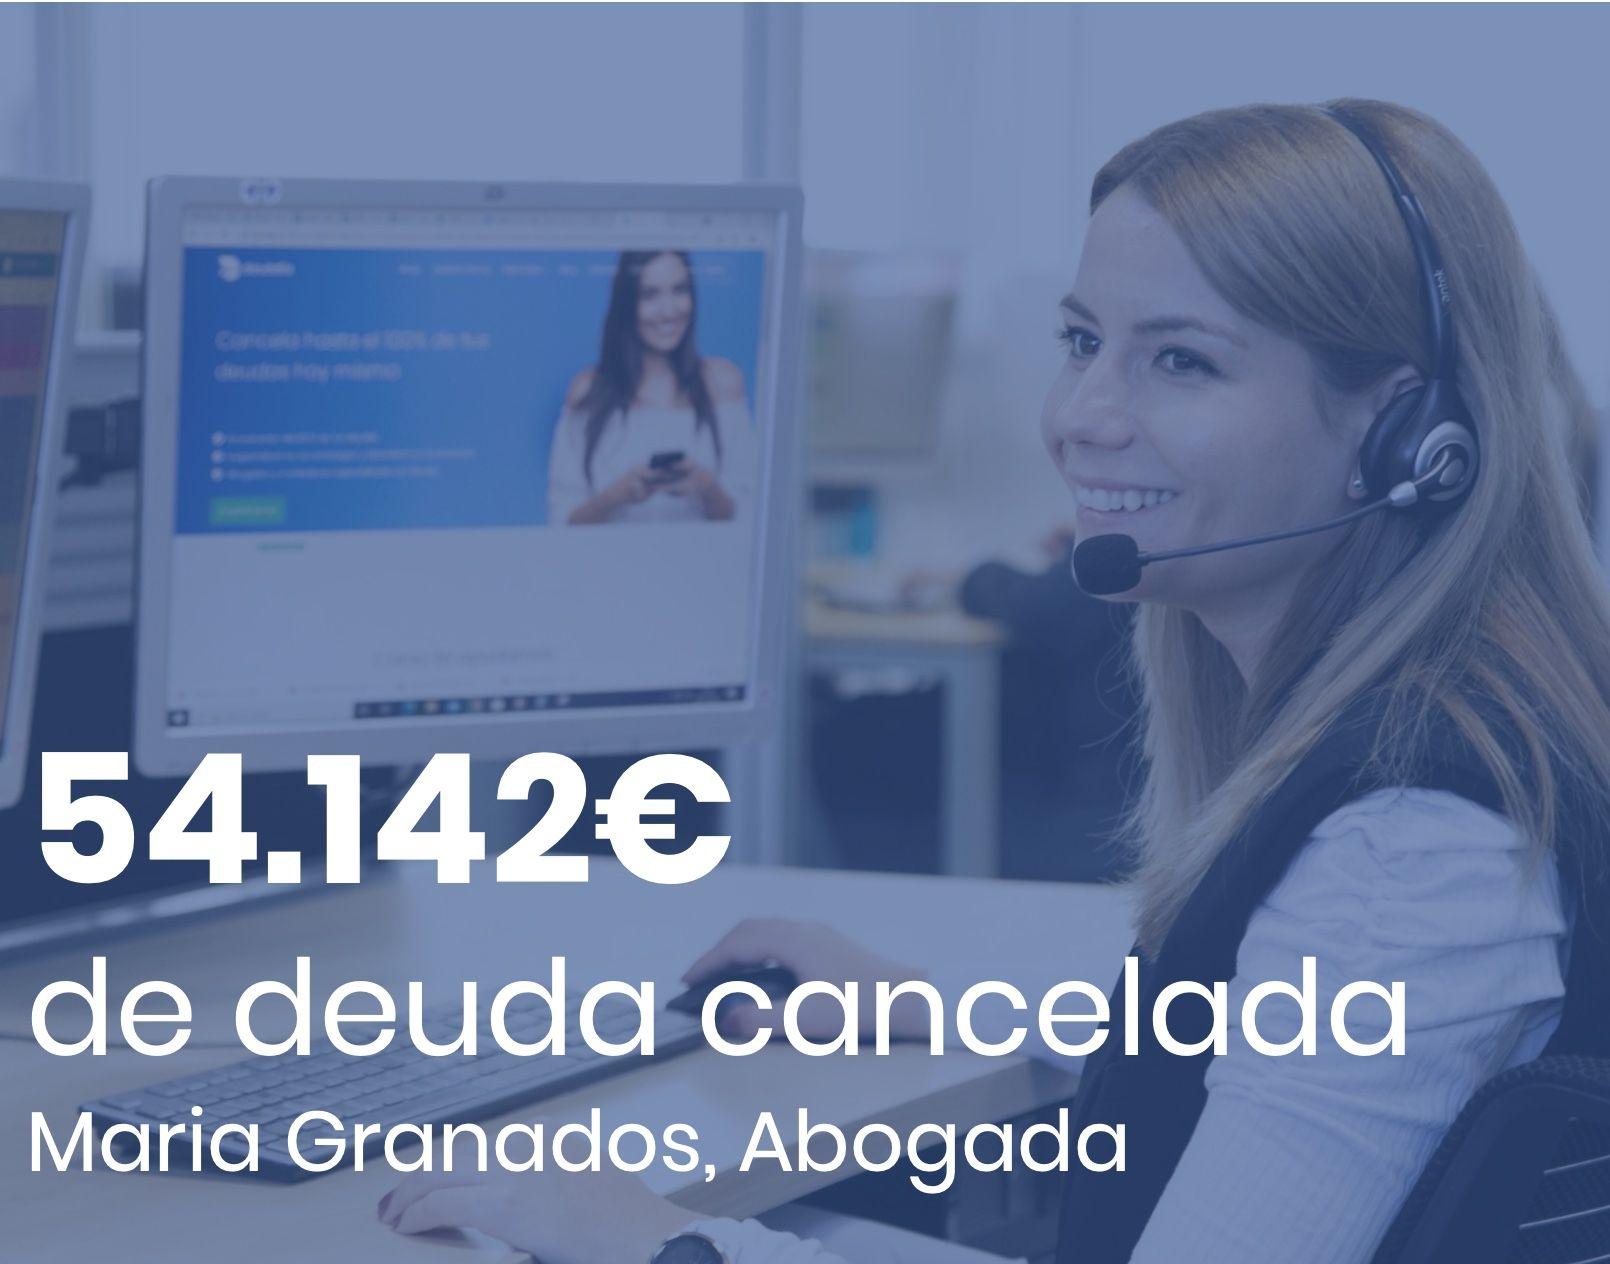 Deudafix Abogados cancela 54.142 ?, incluyendo 18.081 ? con BBVA, con la Ley de Segunda Oportunidad